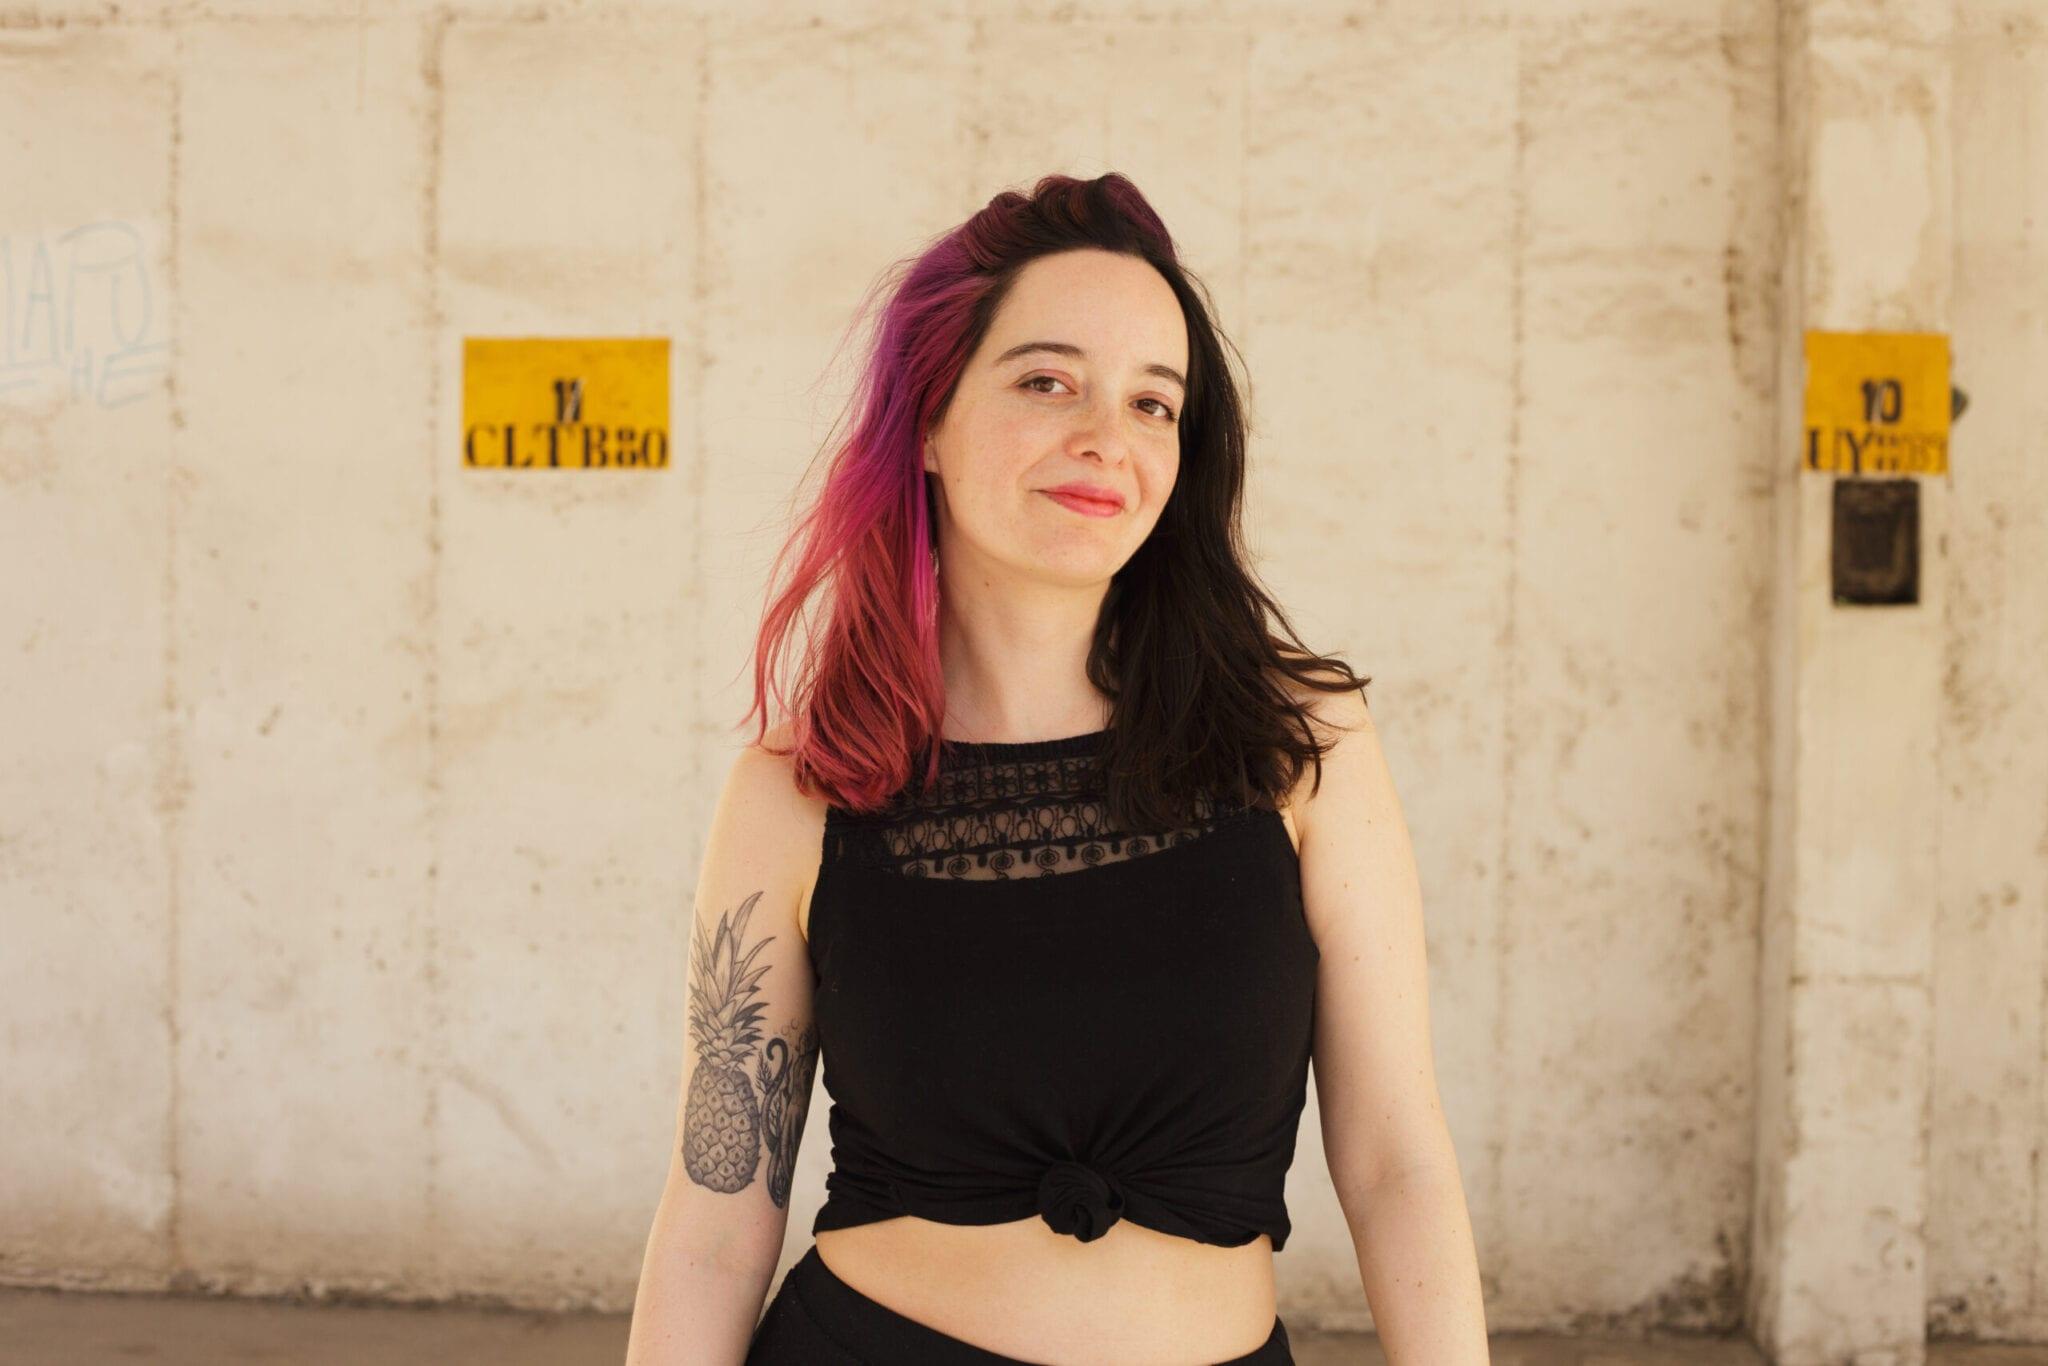 Headshot Of María Carolina Quintana. She Has Pink Hair And Is Wearing A Black Shirt.